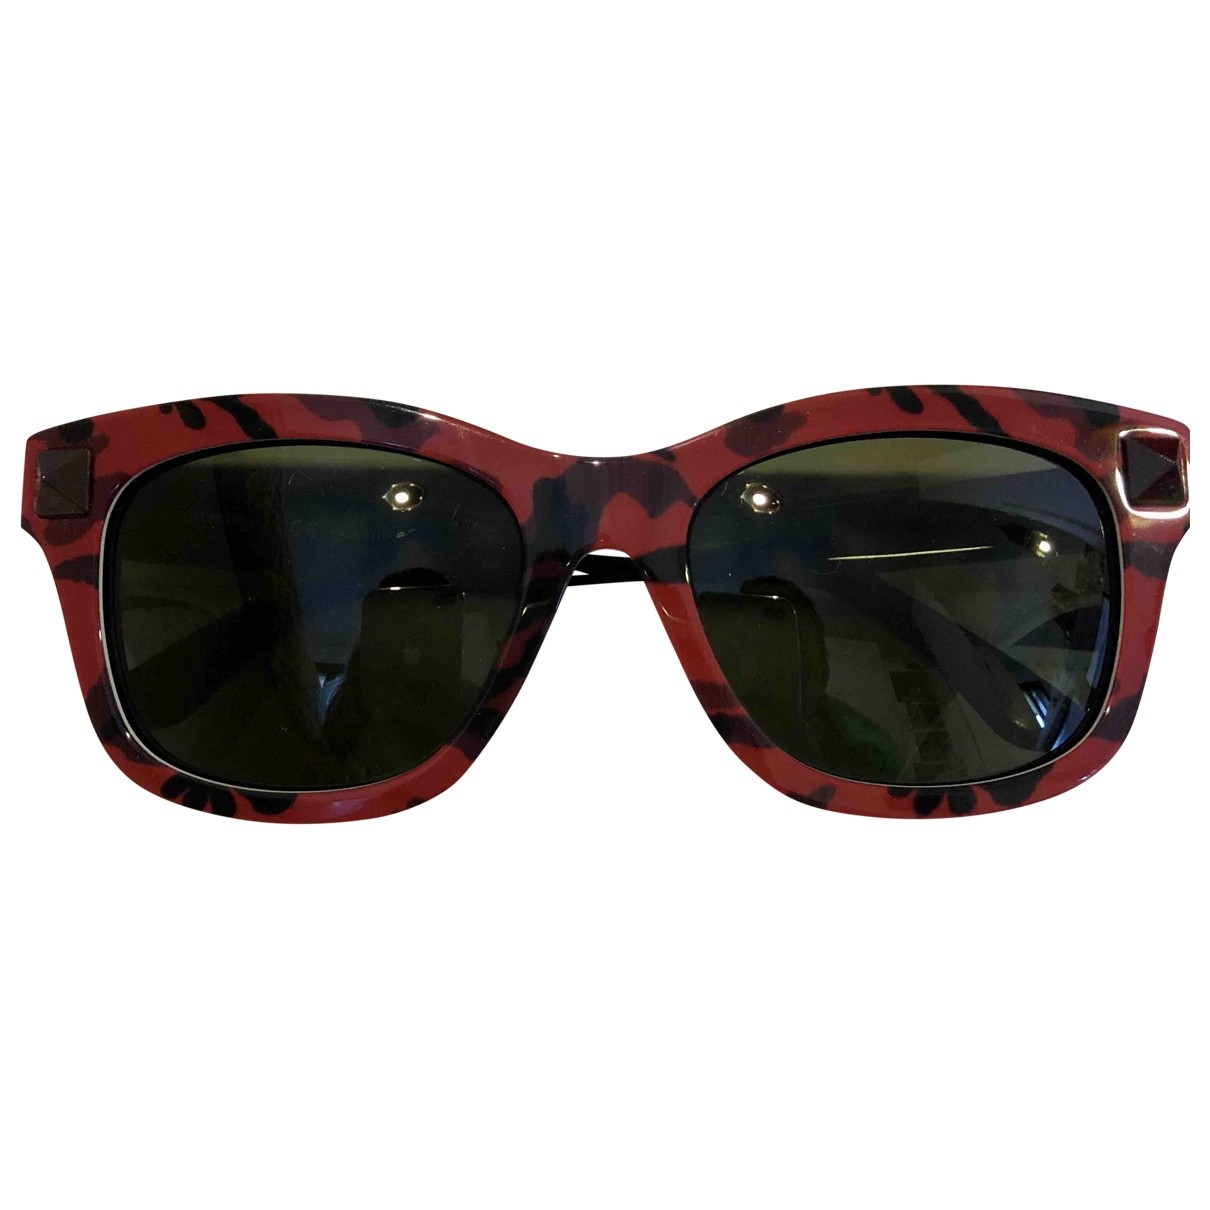 Valentino Garavani - Lunettes   pour femme - rouge